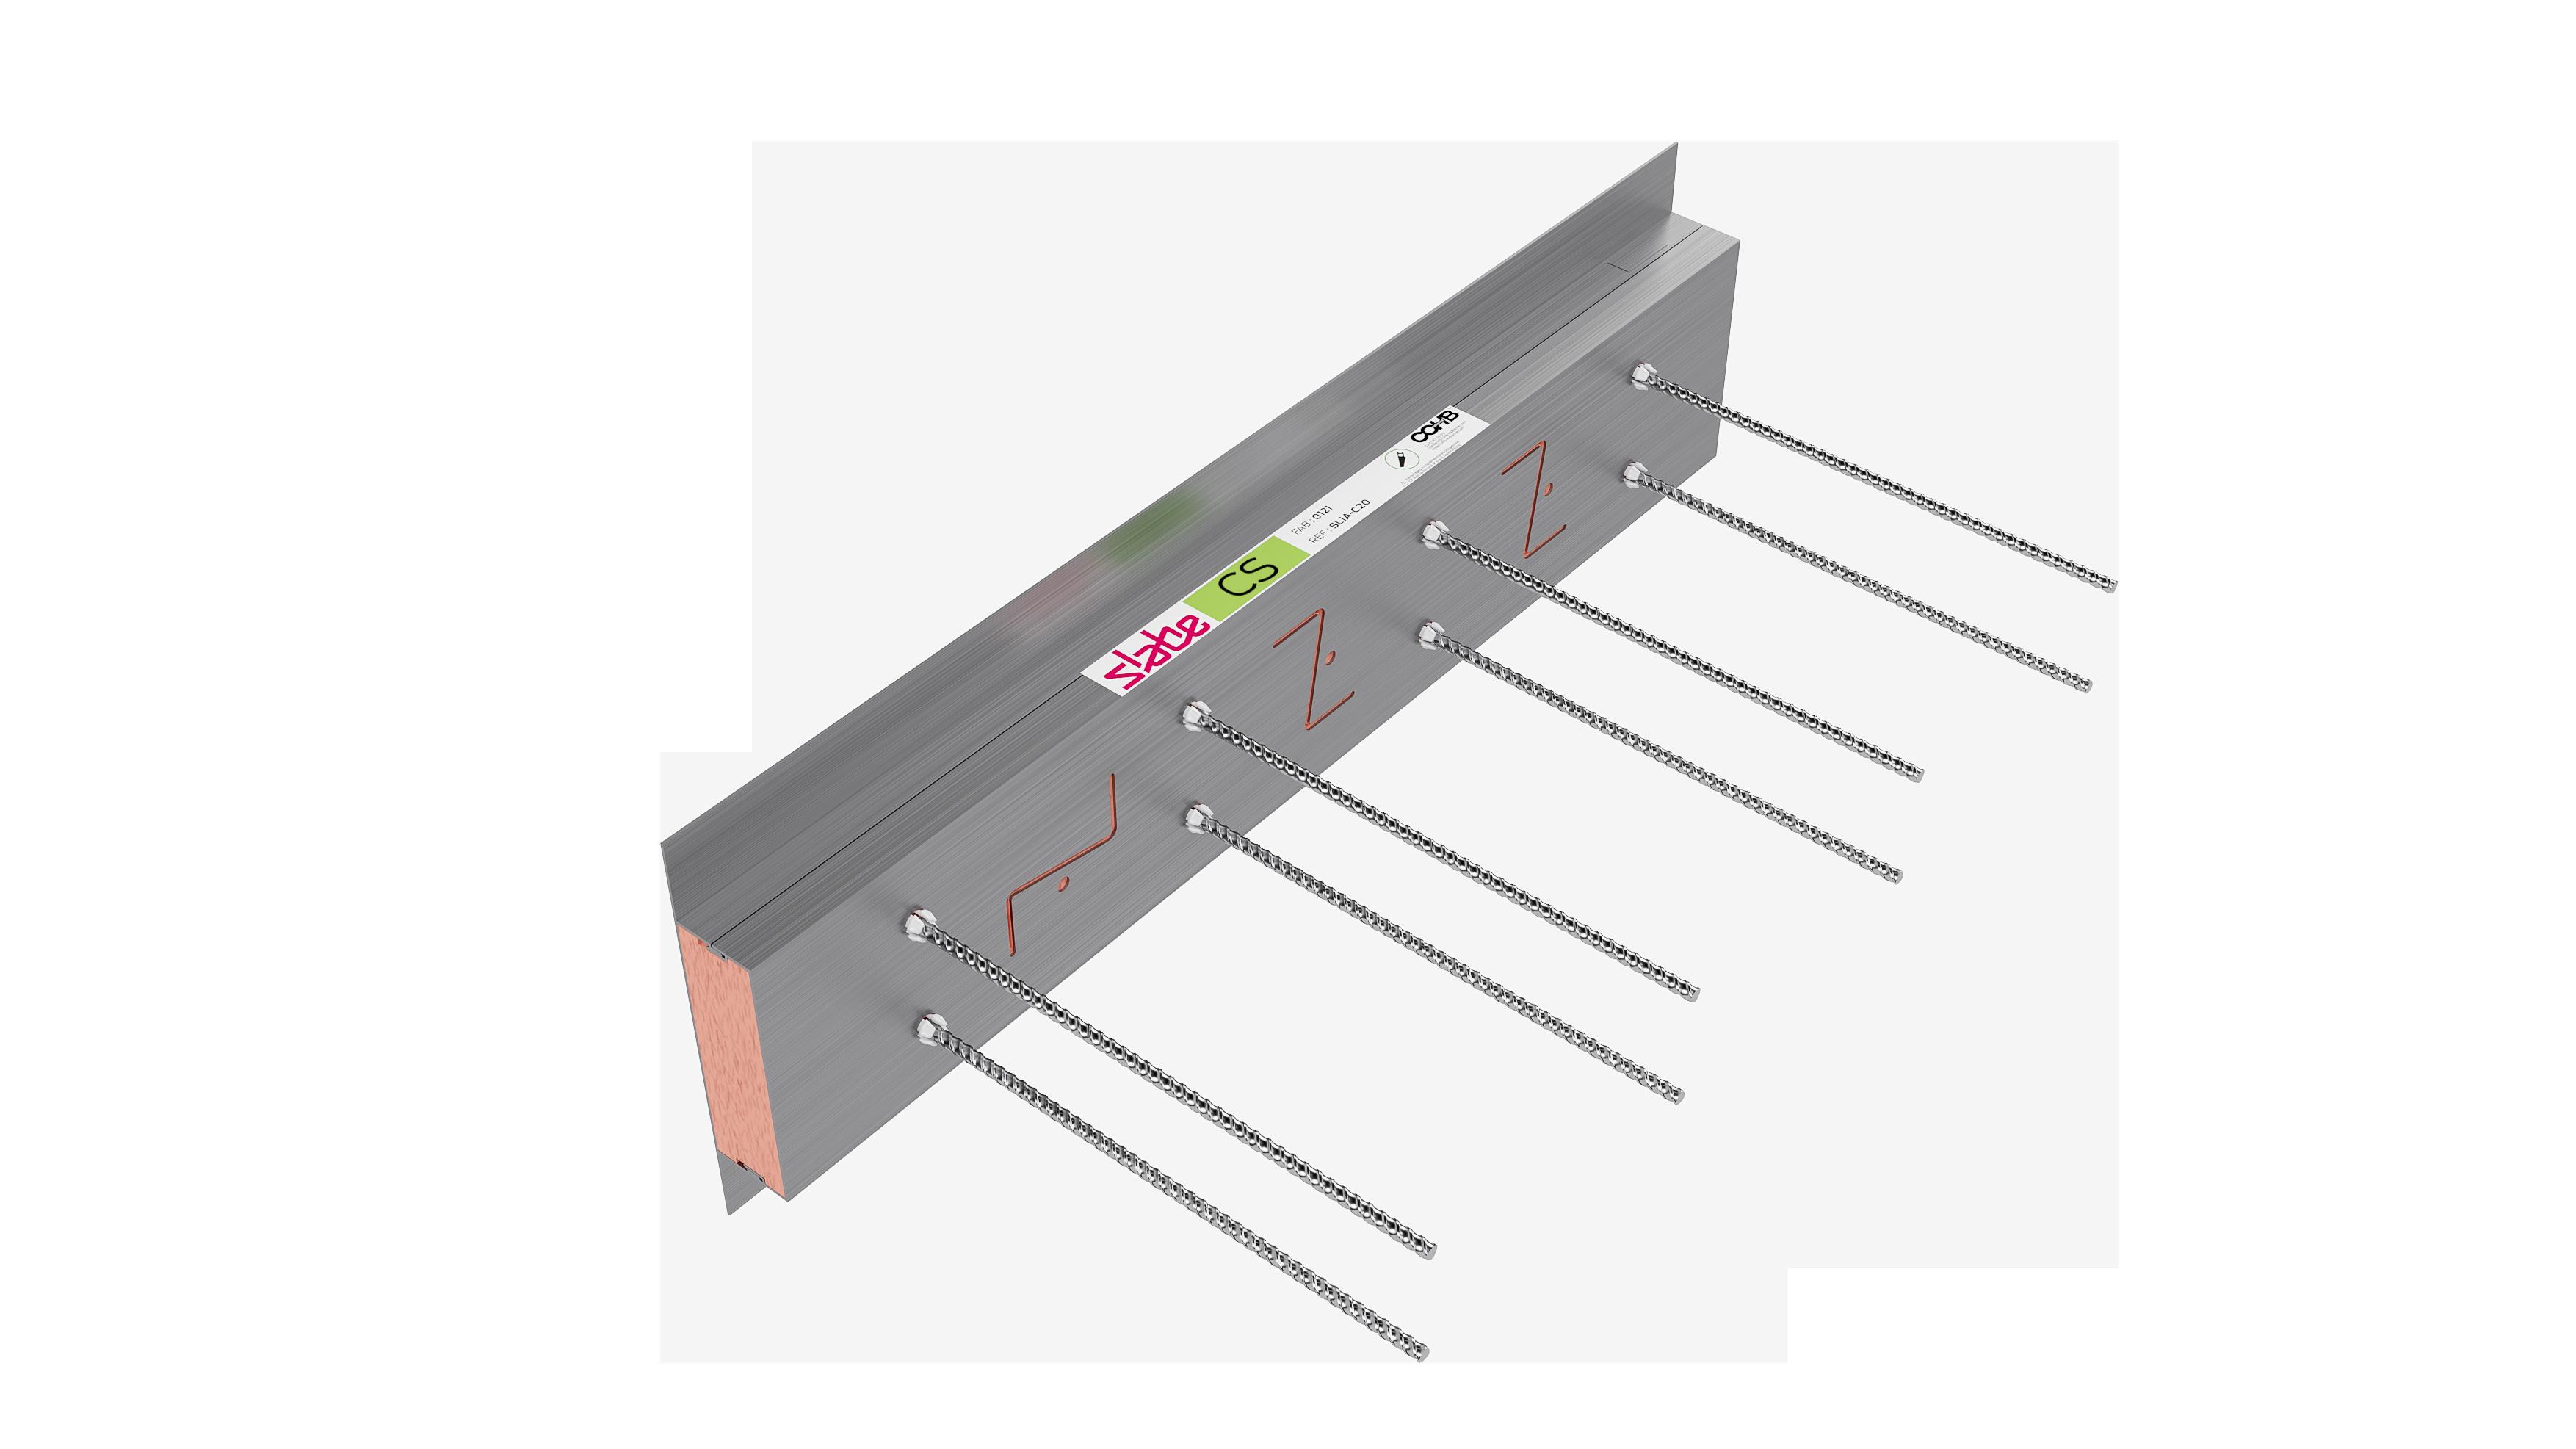 Le rupteur thermique parasismique Slabe CS est un rupteur de compensation qui vient compléter un linéaire de rupteurs Slabe ZNS.